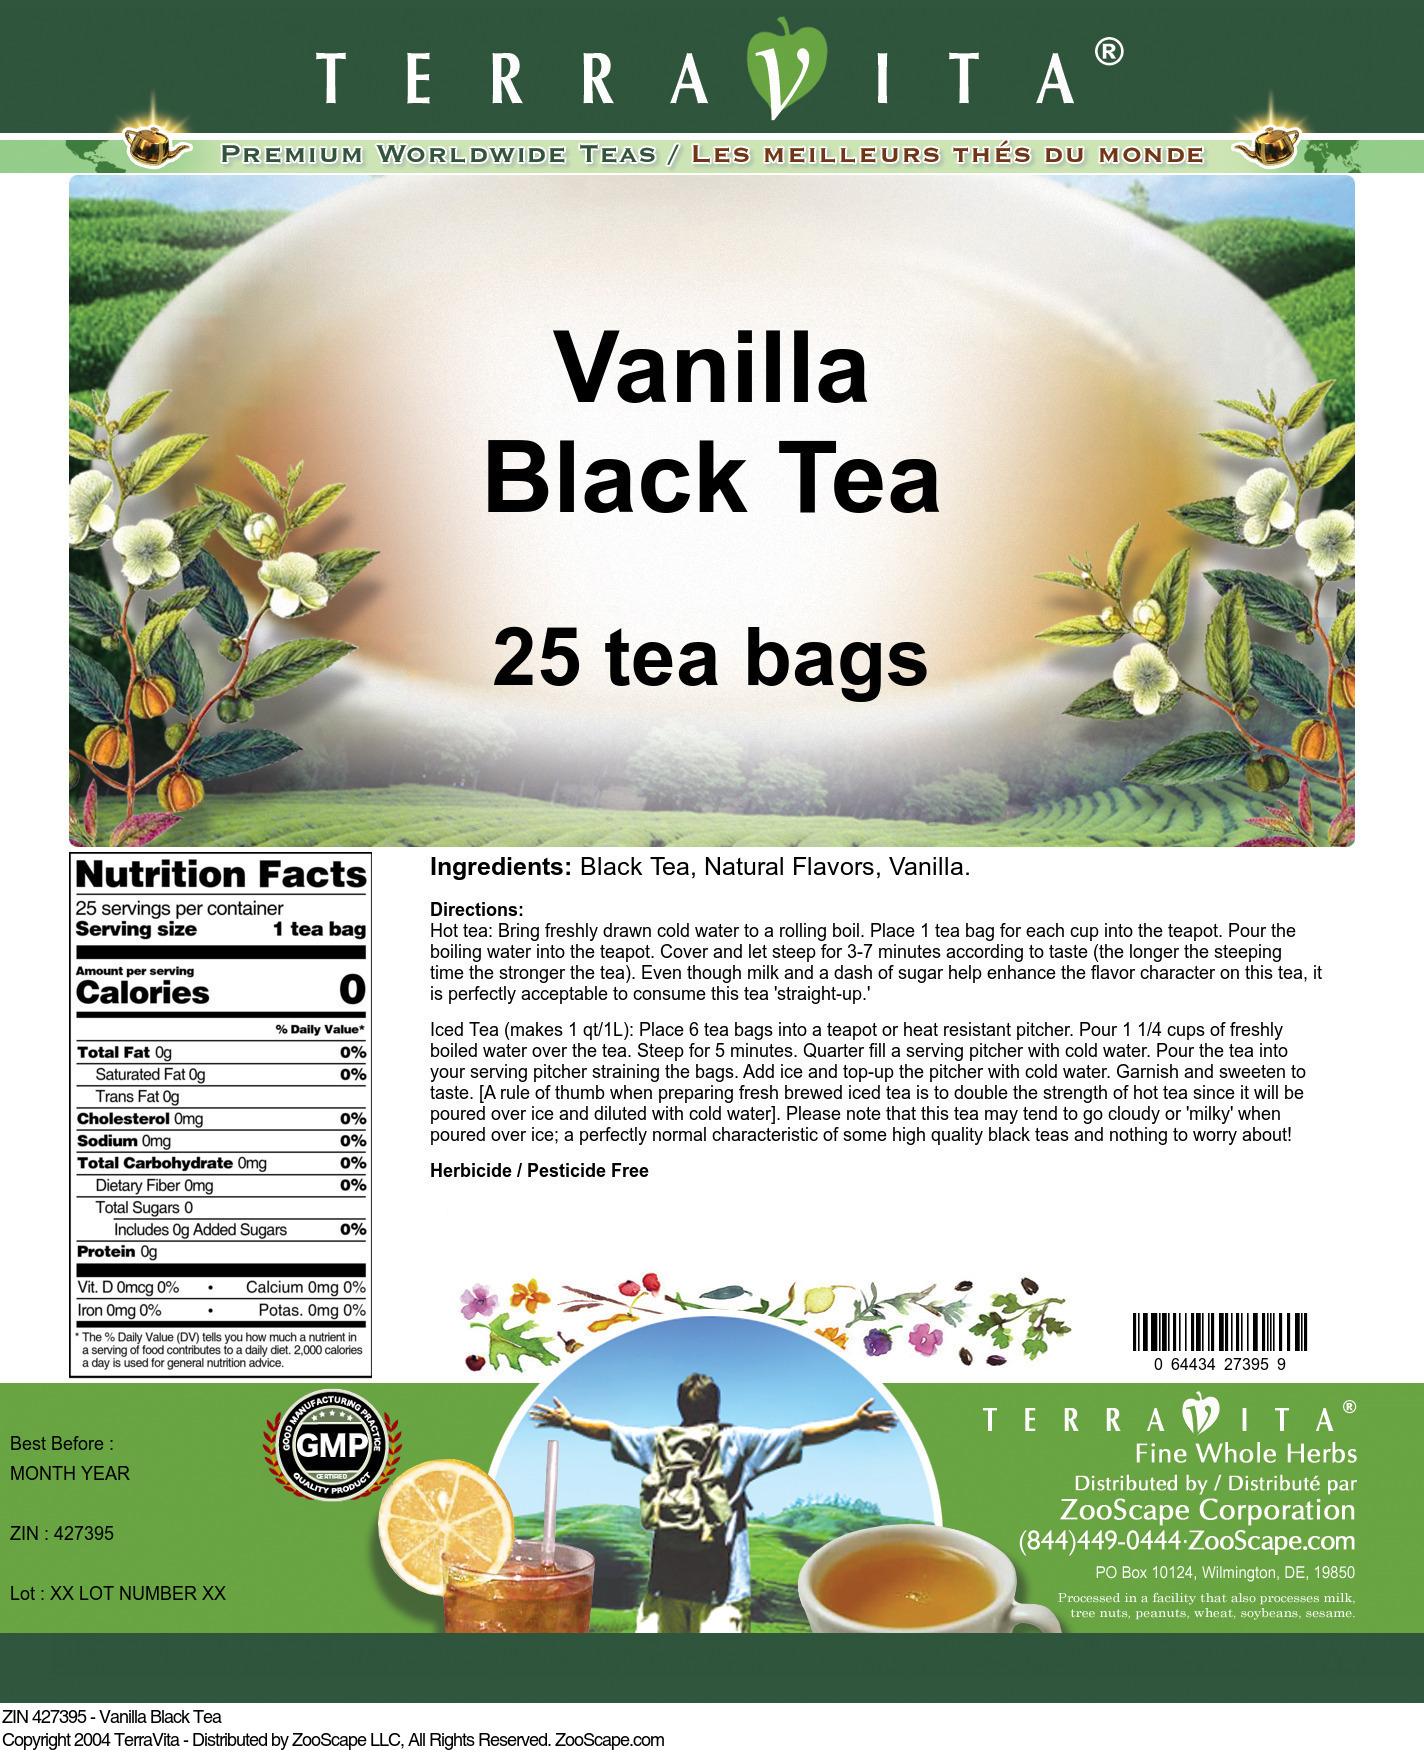 Vanilla Black Tea